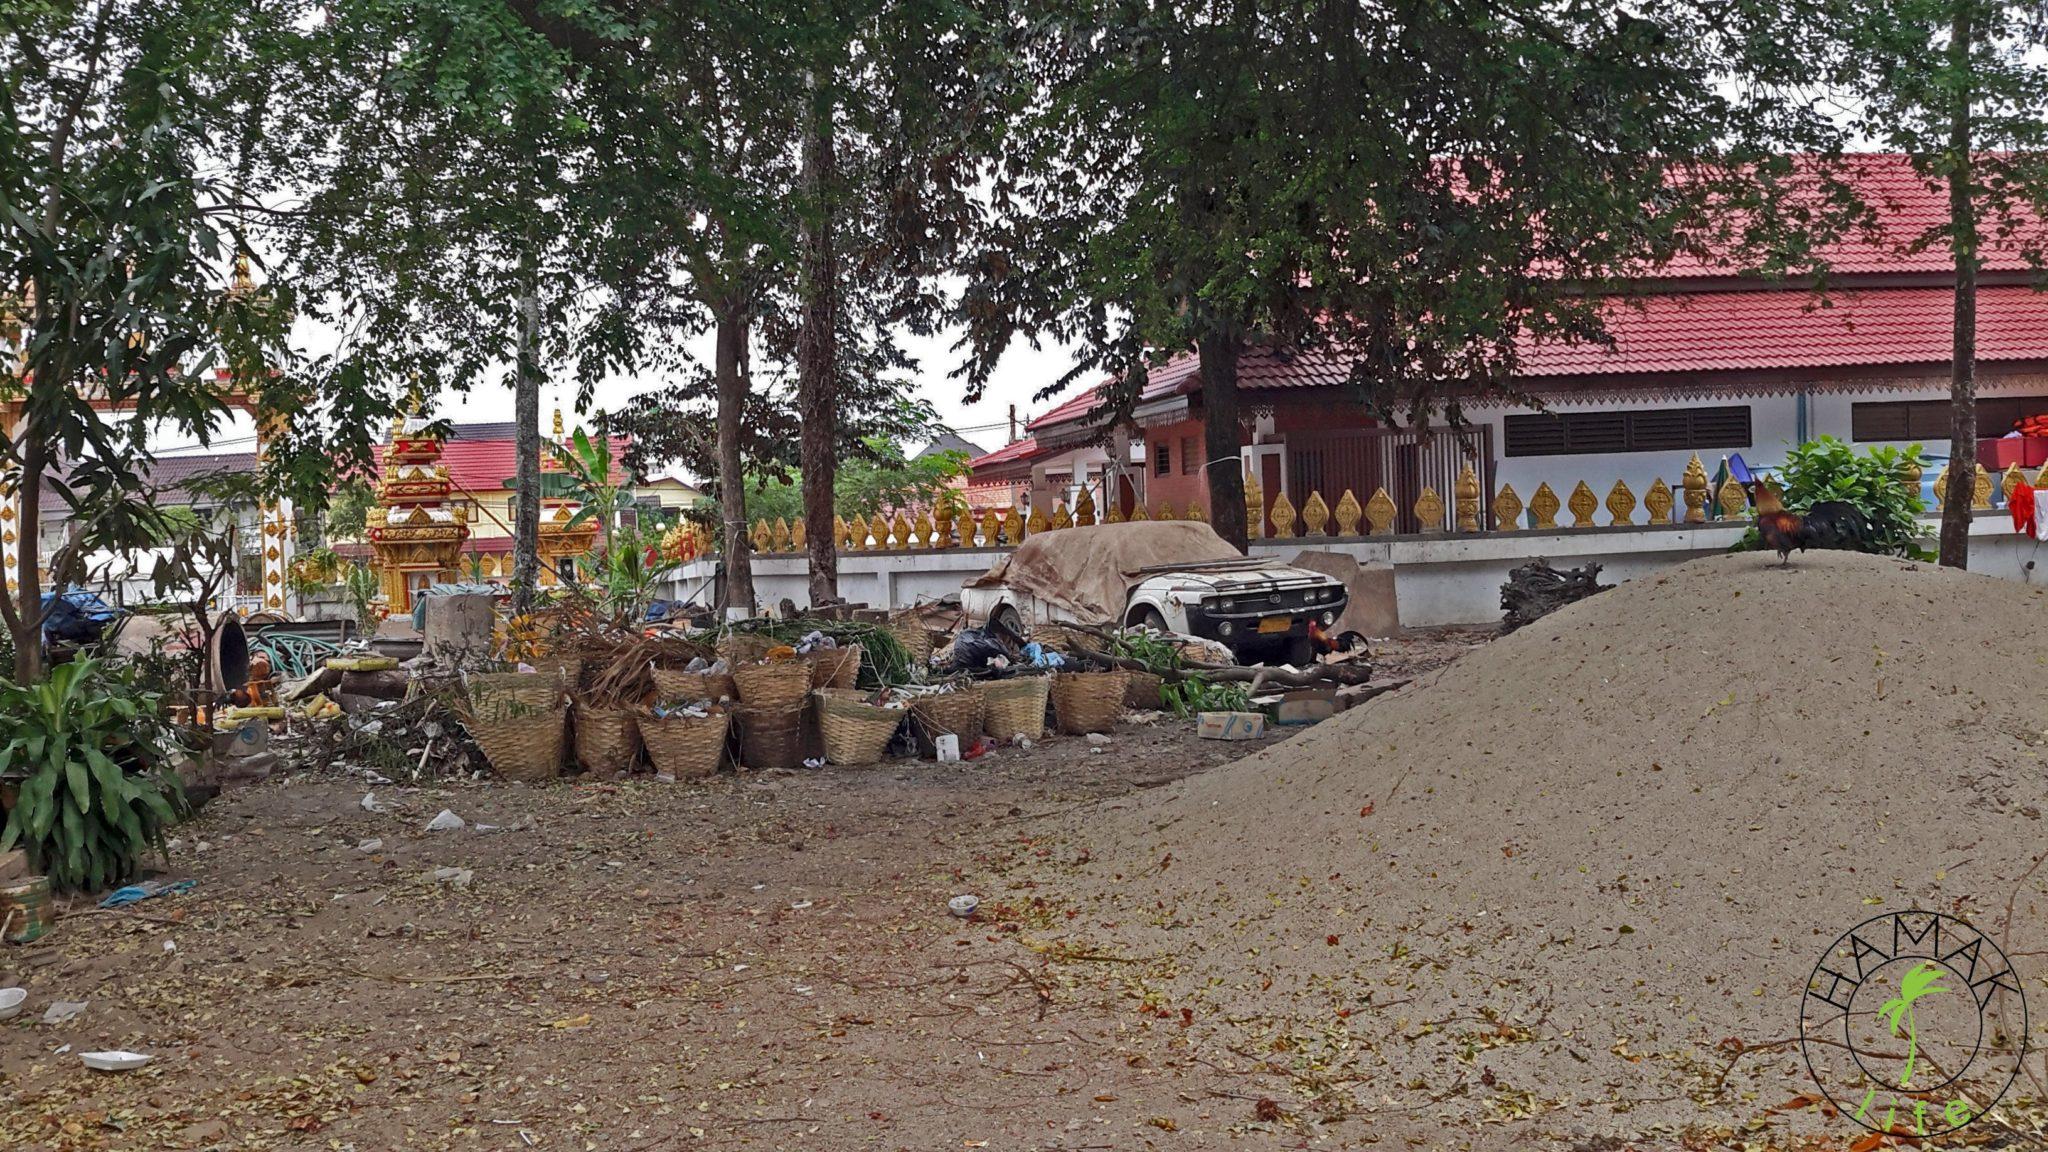 Zaplecze świątynne w Indonezji